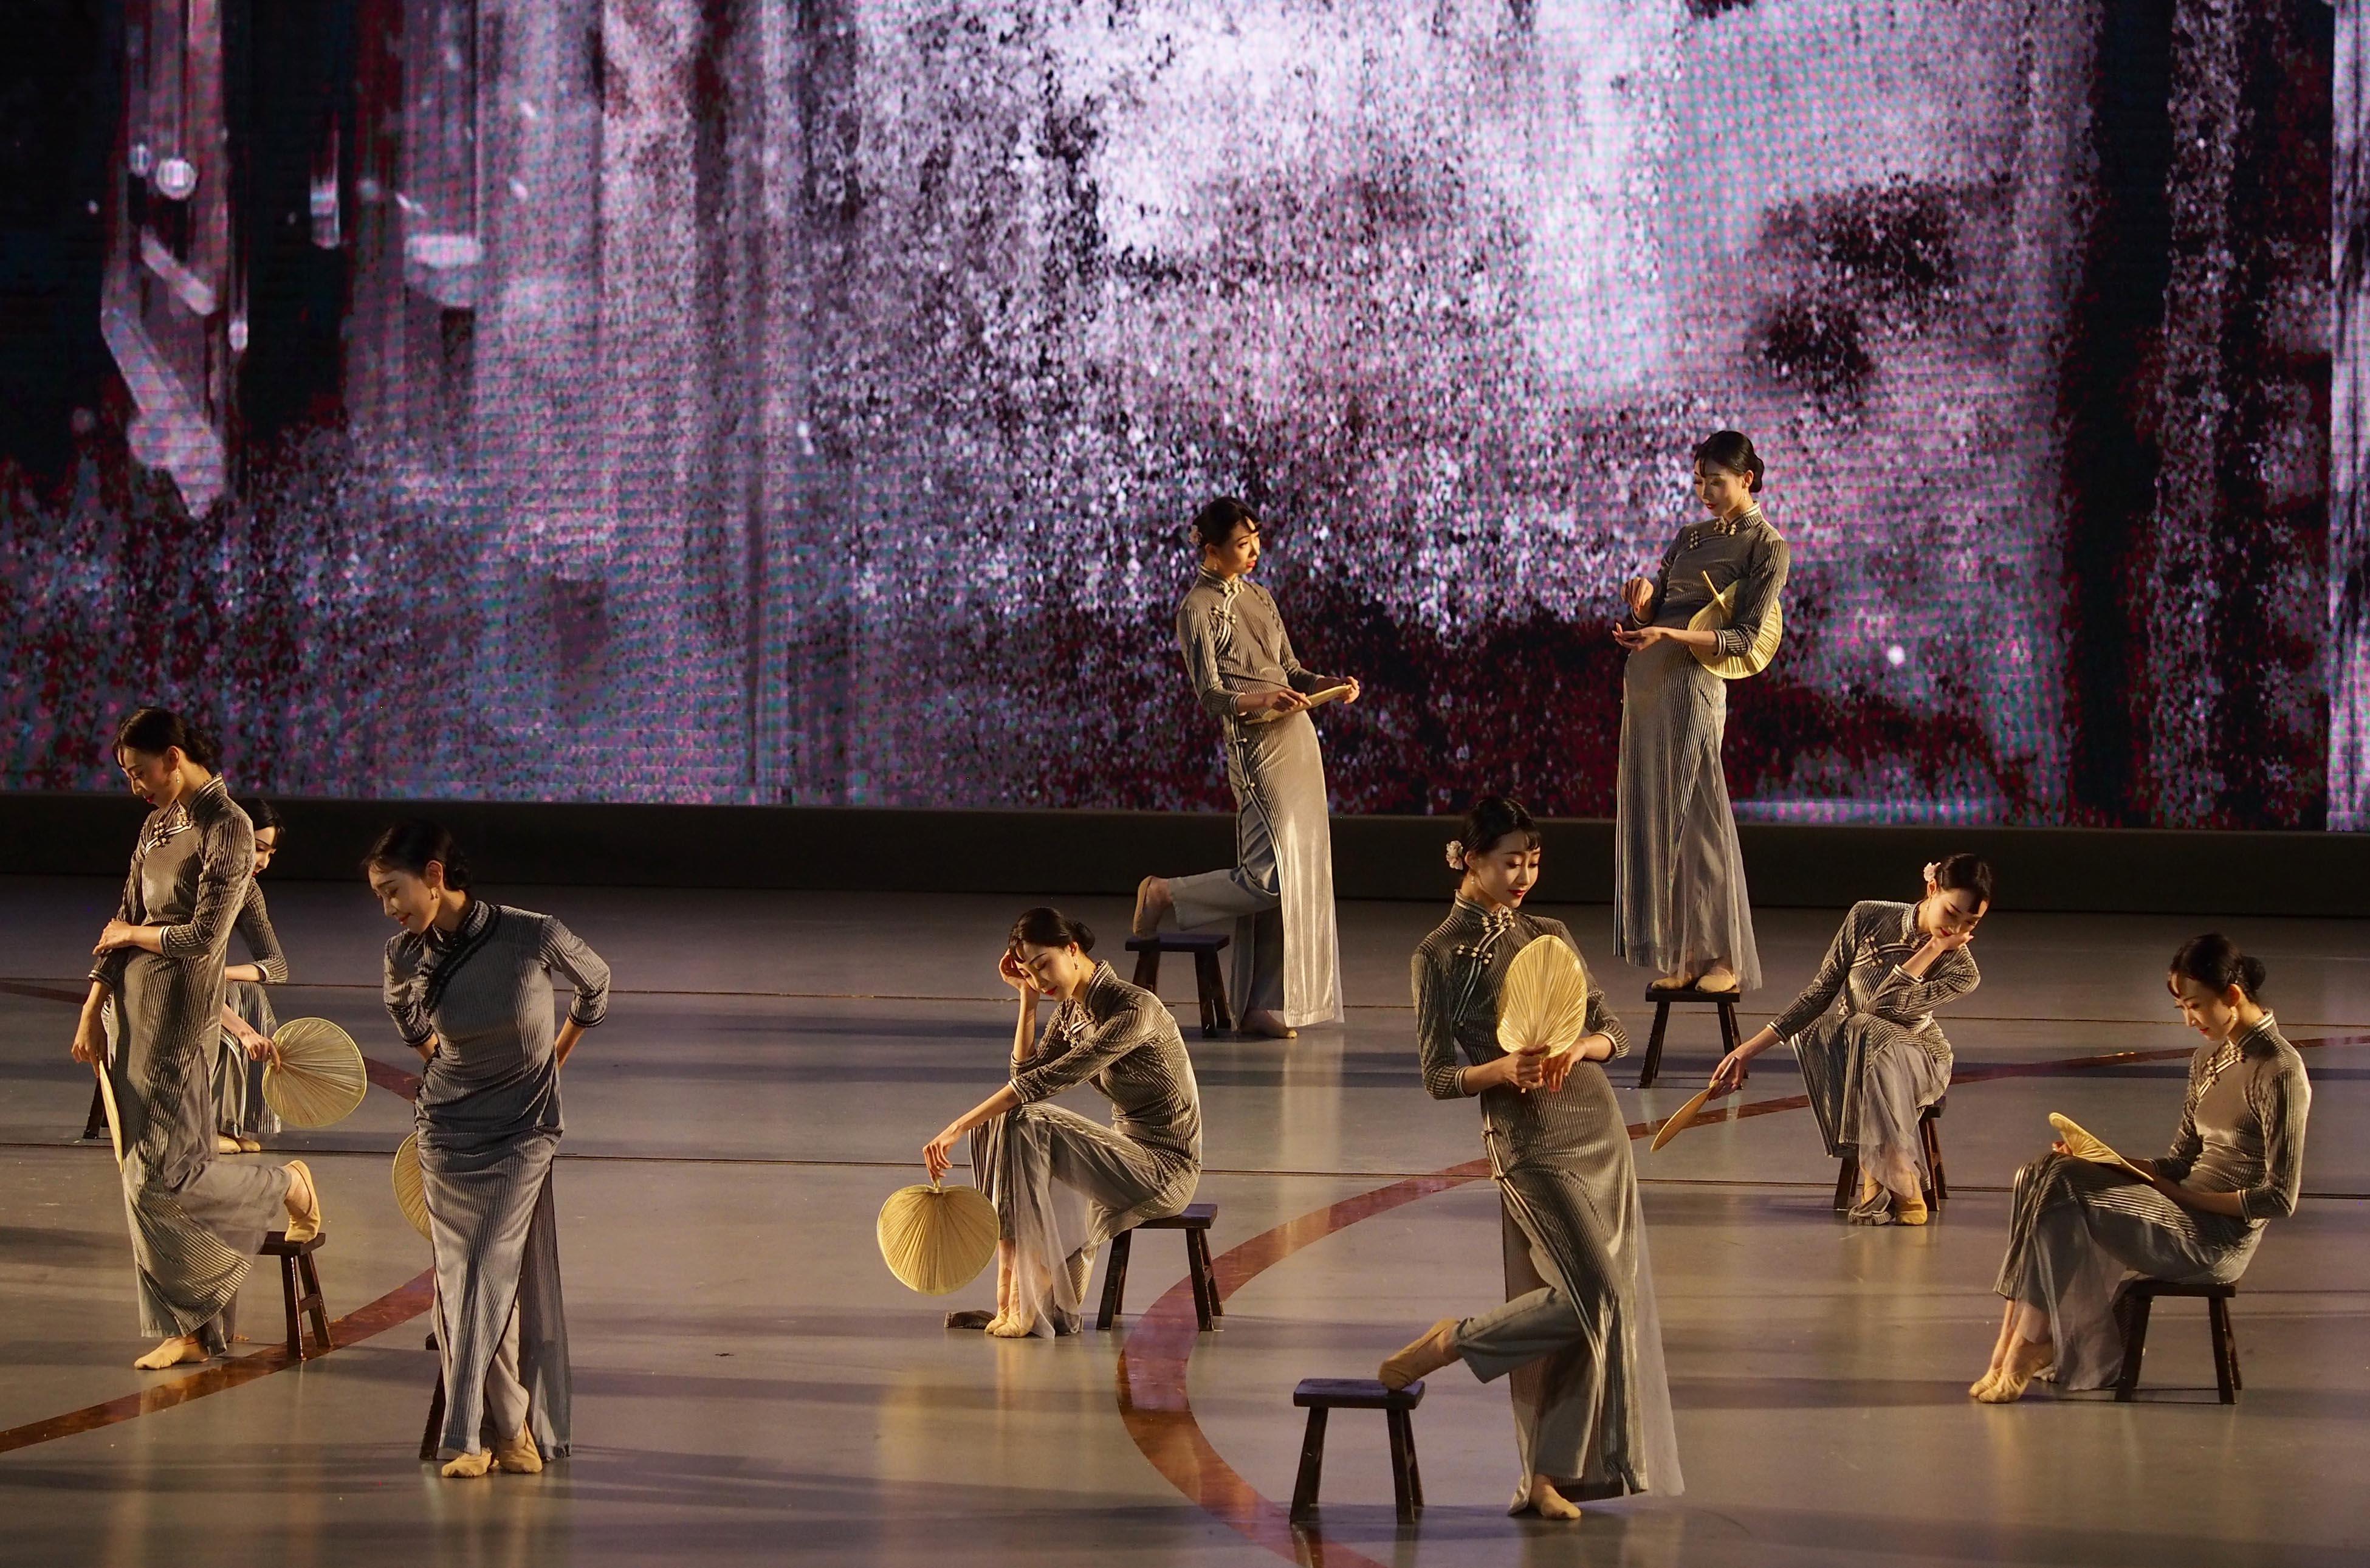 第十二届中国艺术节闭幕 第十六届文华奖揭晓